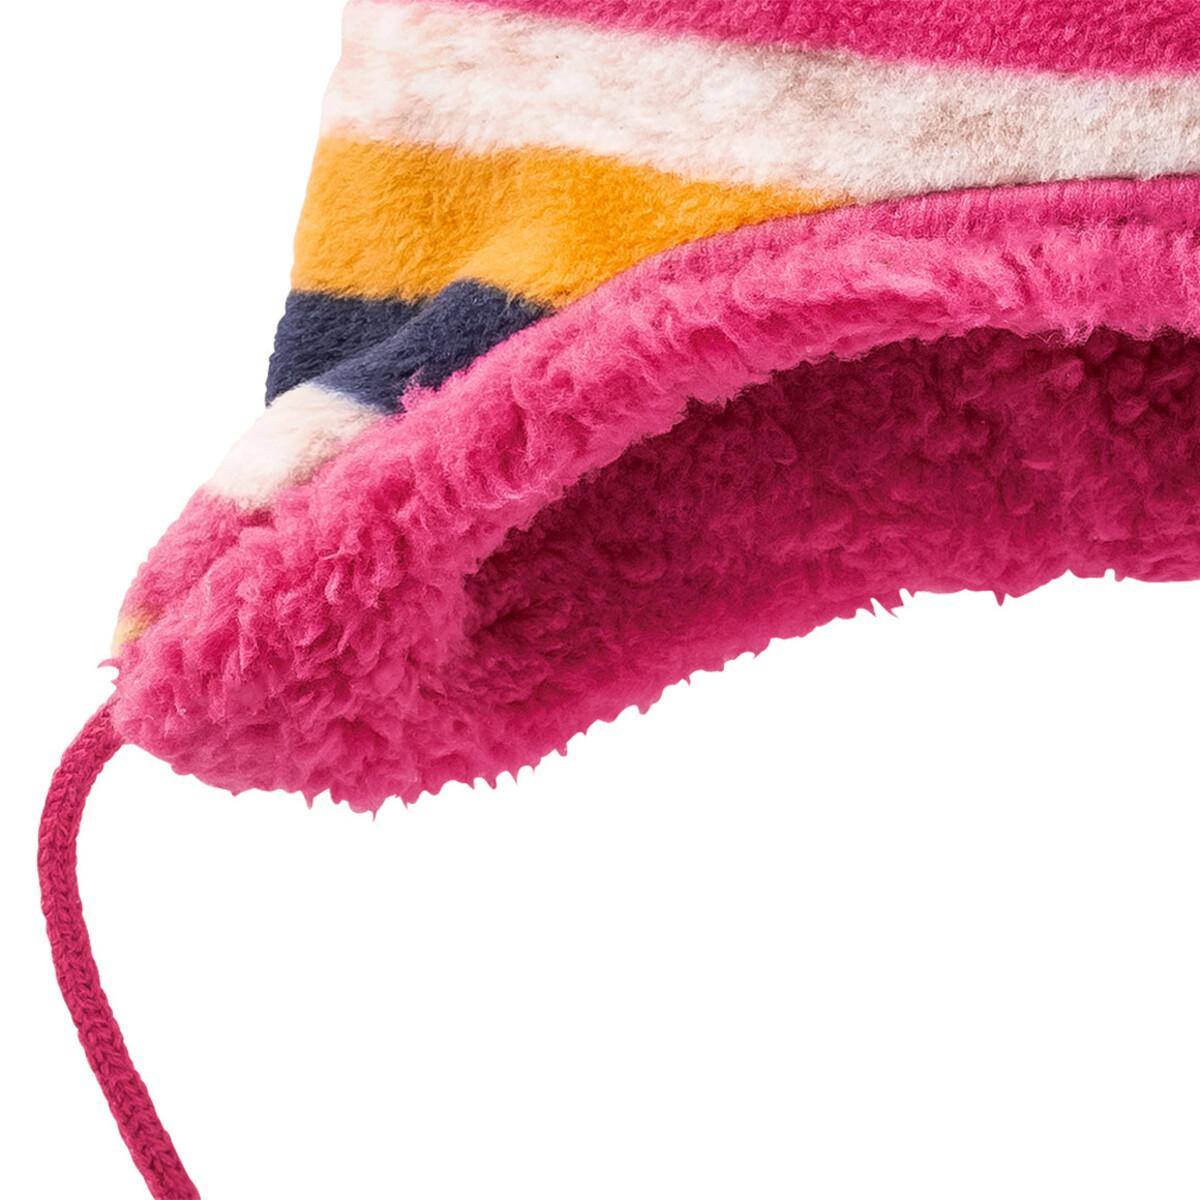 Bild 4 von Baby Fleecemütze mit Pompon